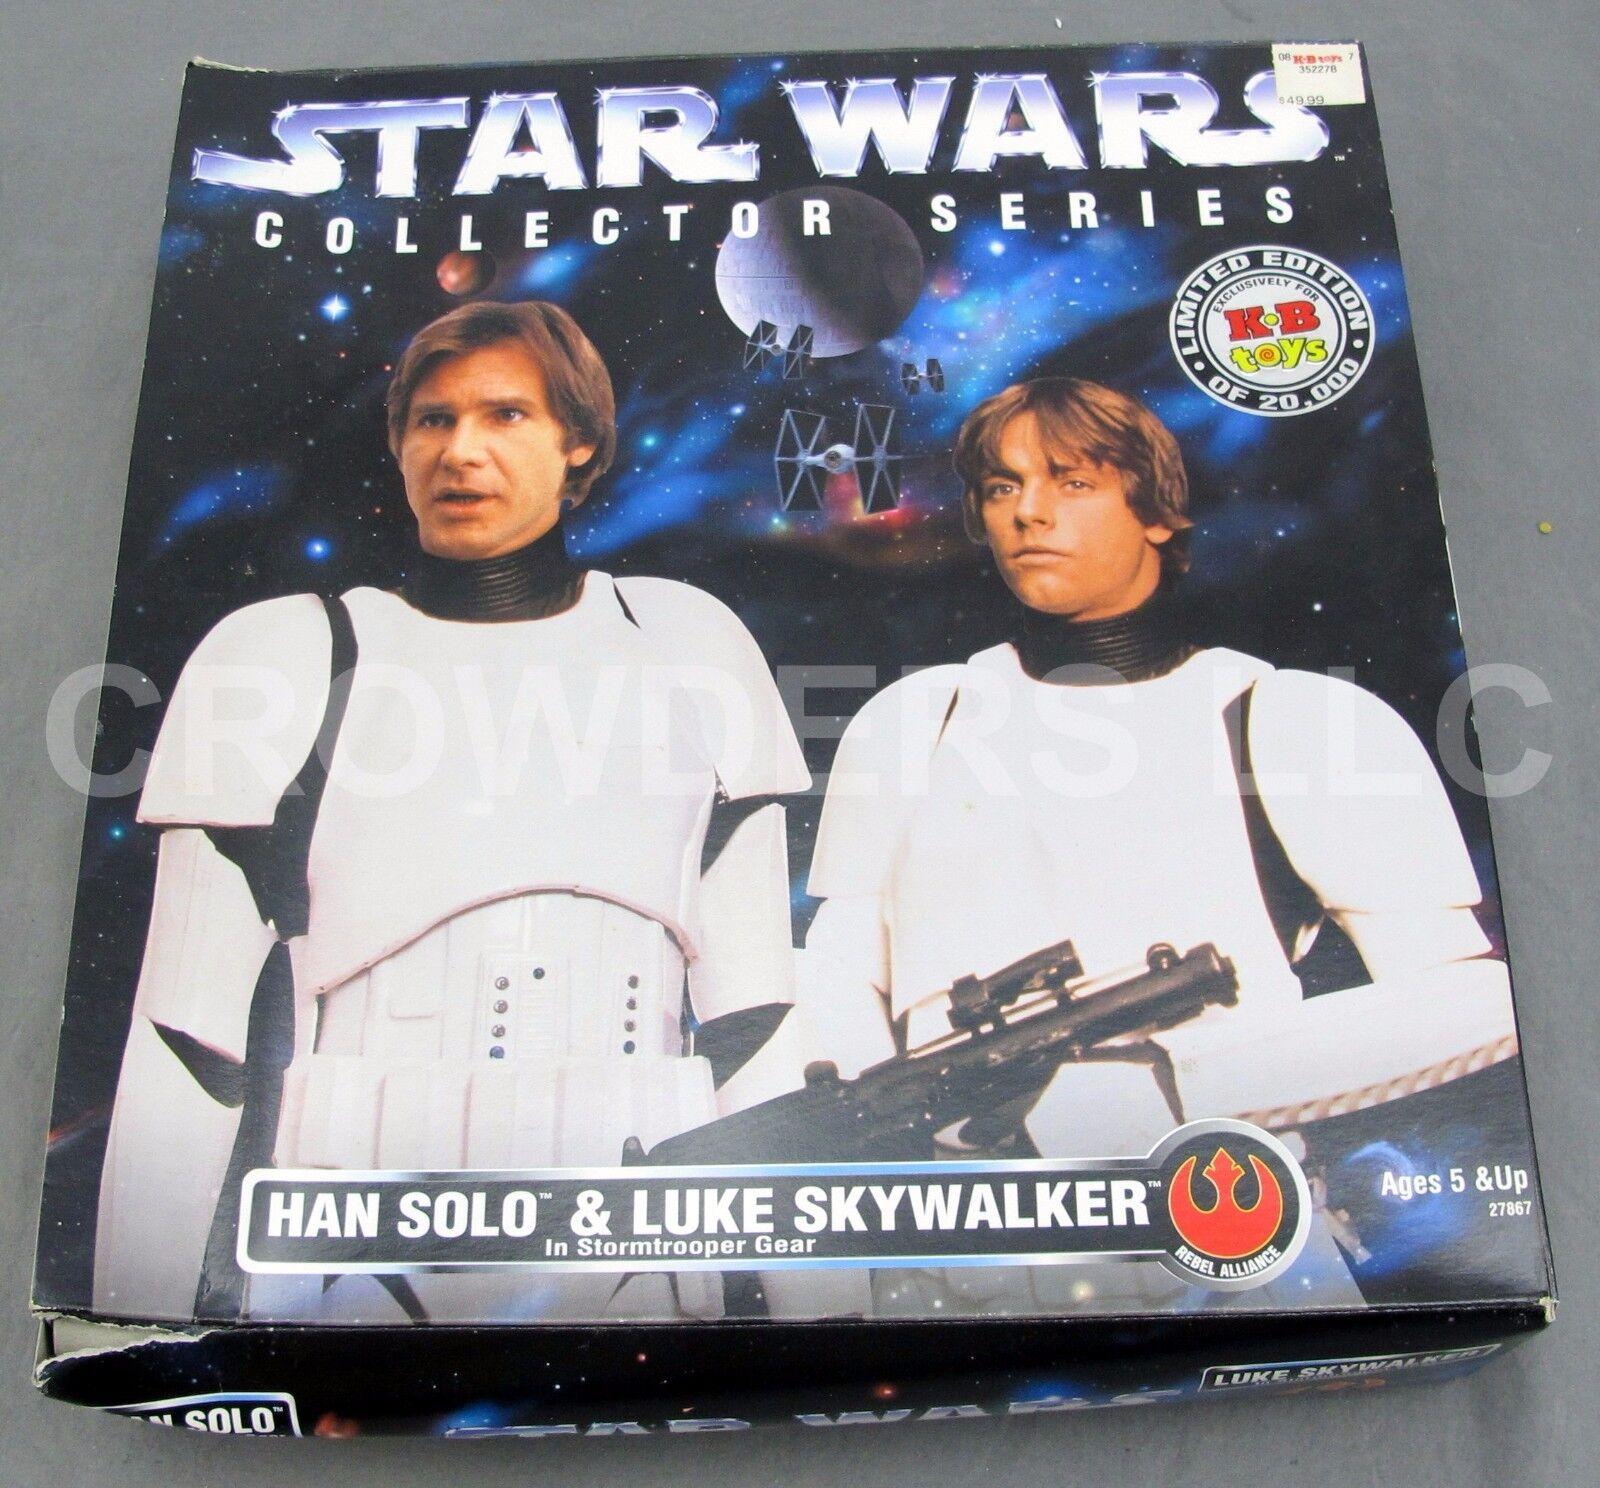 Star Wars Collector Series Han Solo & Luke Skywalker Stormtrooper Gear KB Toys